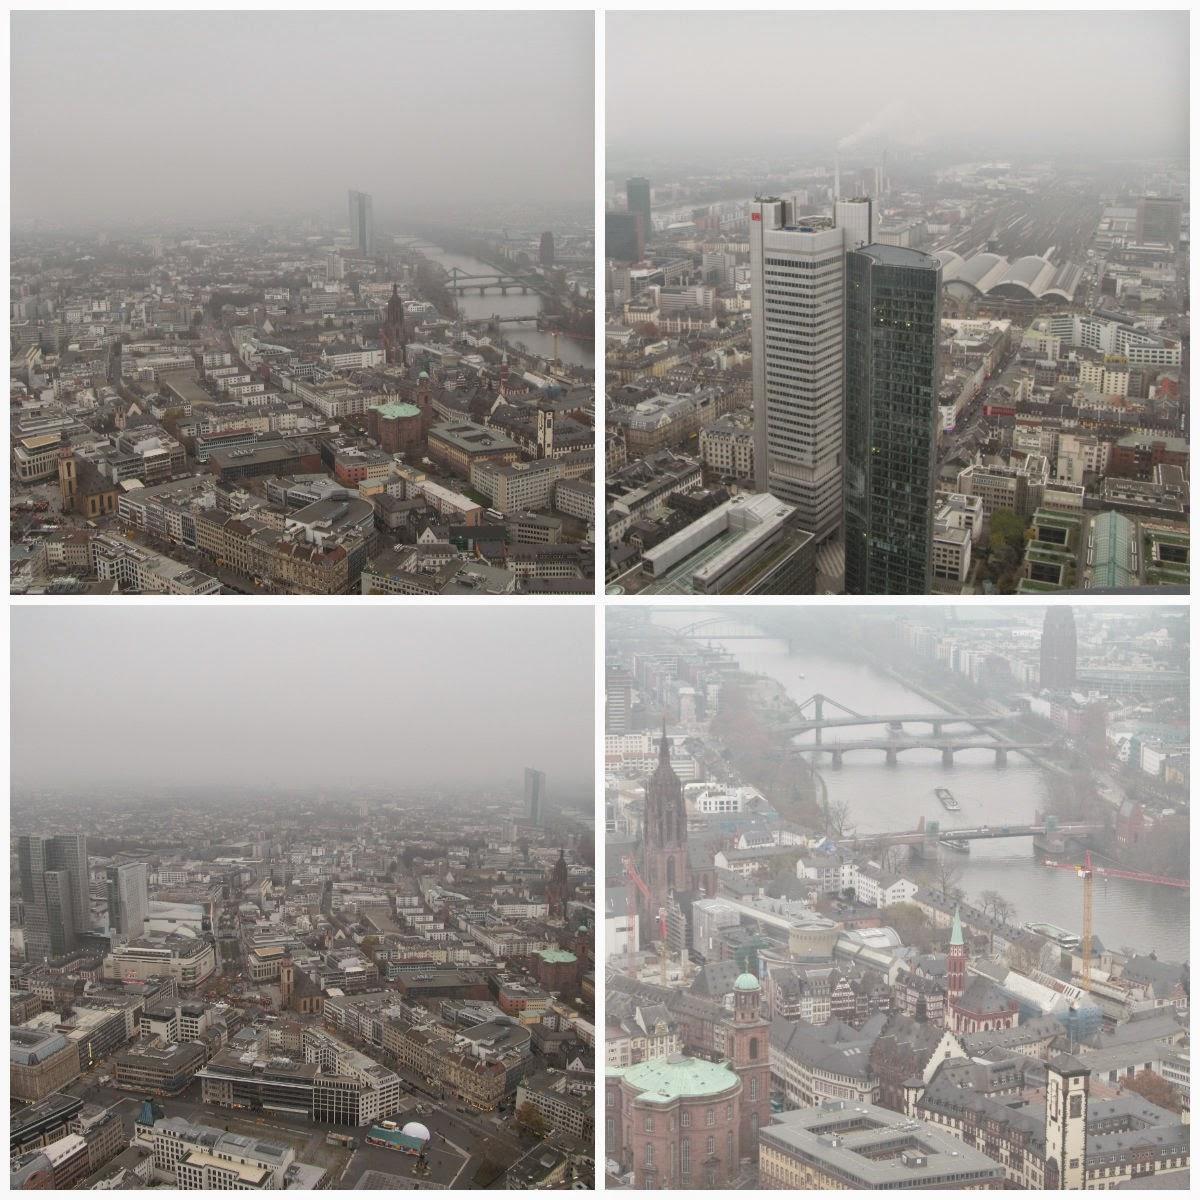 aerial views of frankfurt